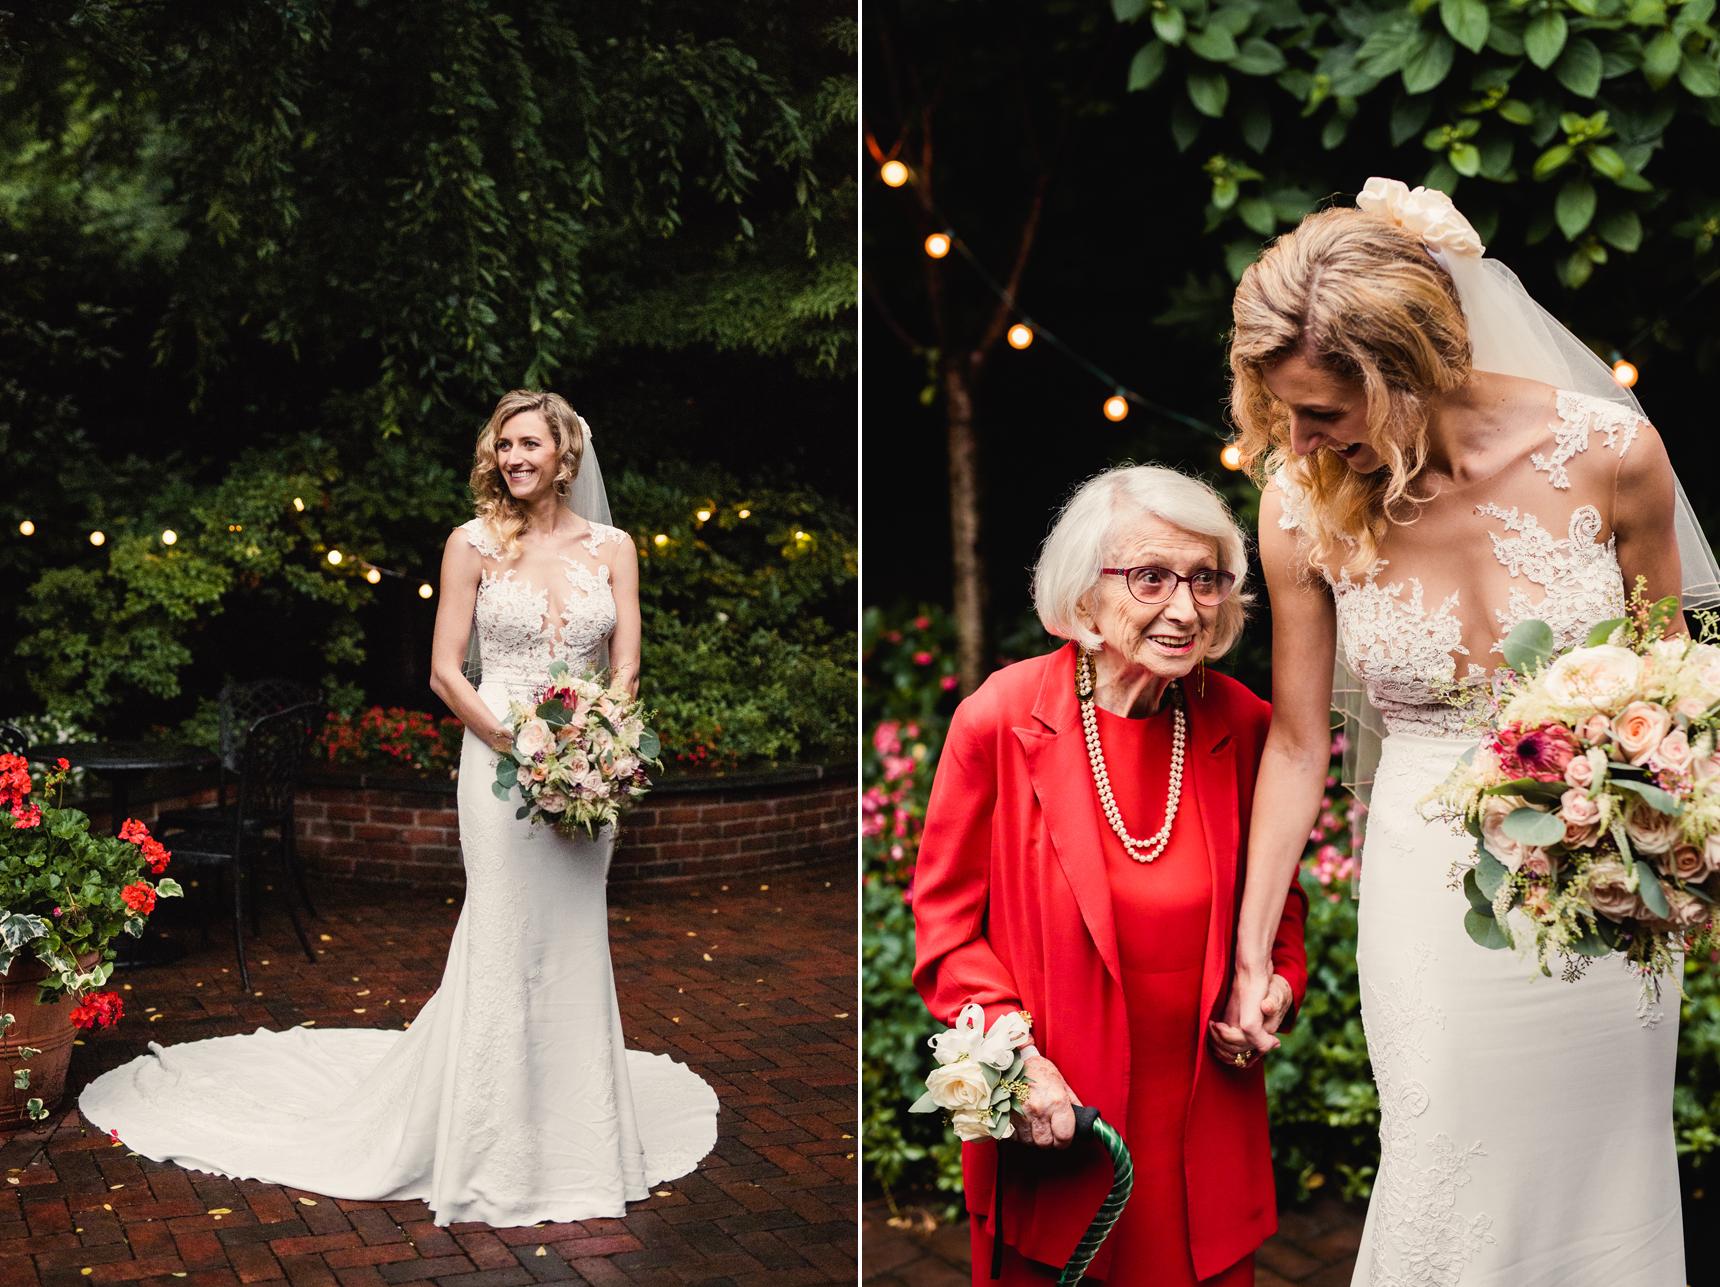 Jory_LoebBoathouse_CentralPark_NewYork_WeddingPhotographer107.jpg